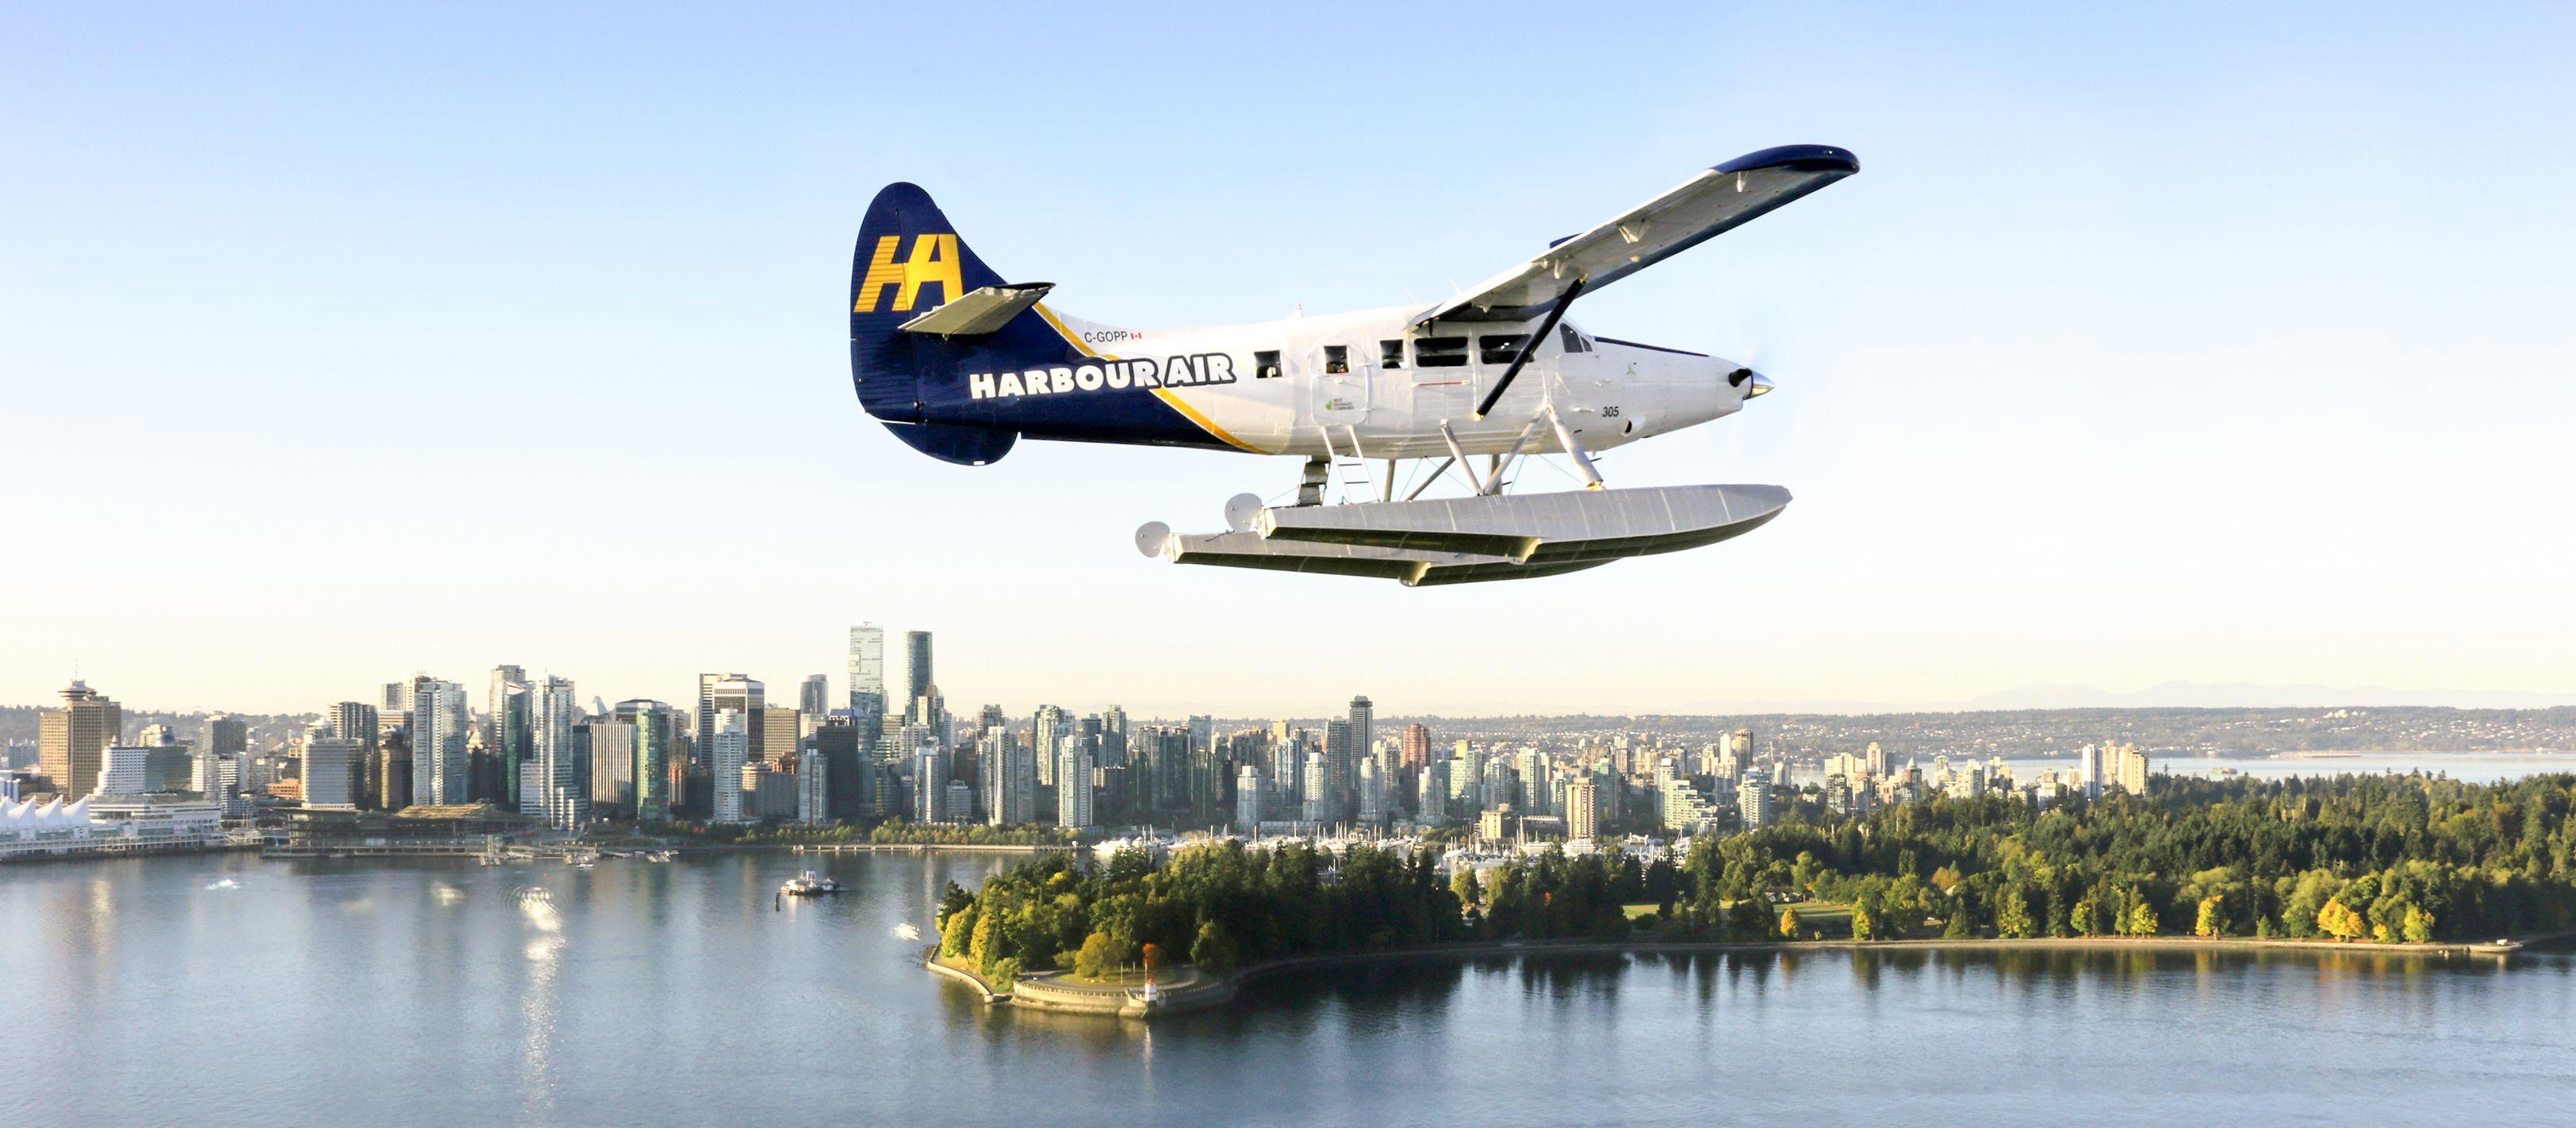 Ein Wasserflugzeug der Harbour Air vor der Skyline von Vancouver in Kanada